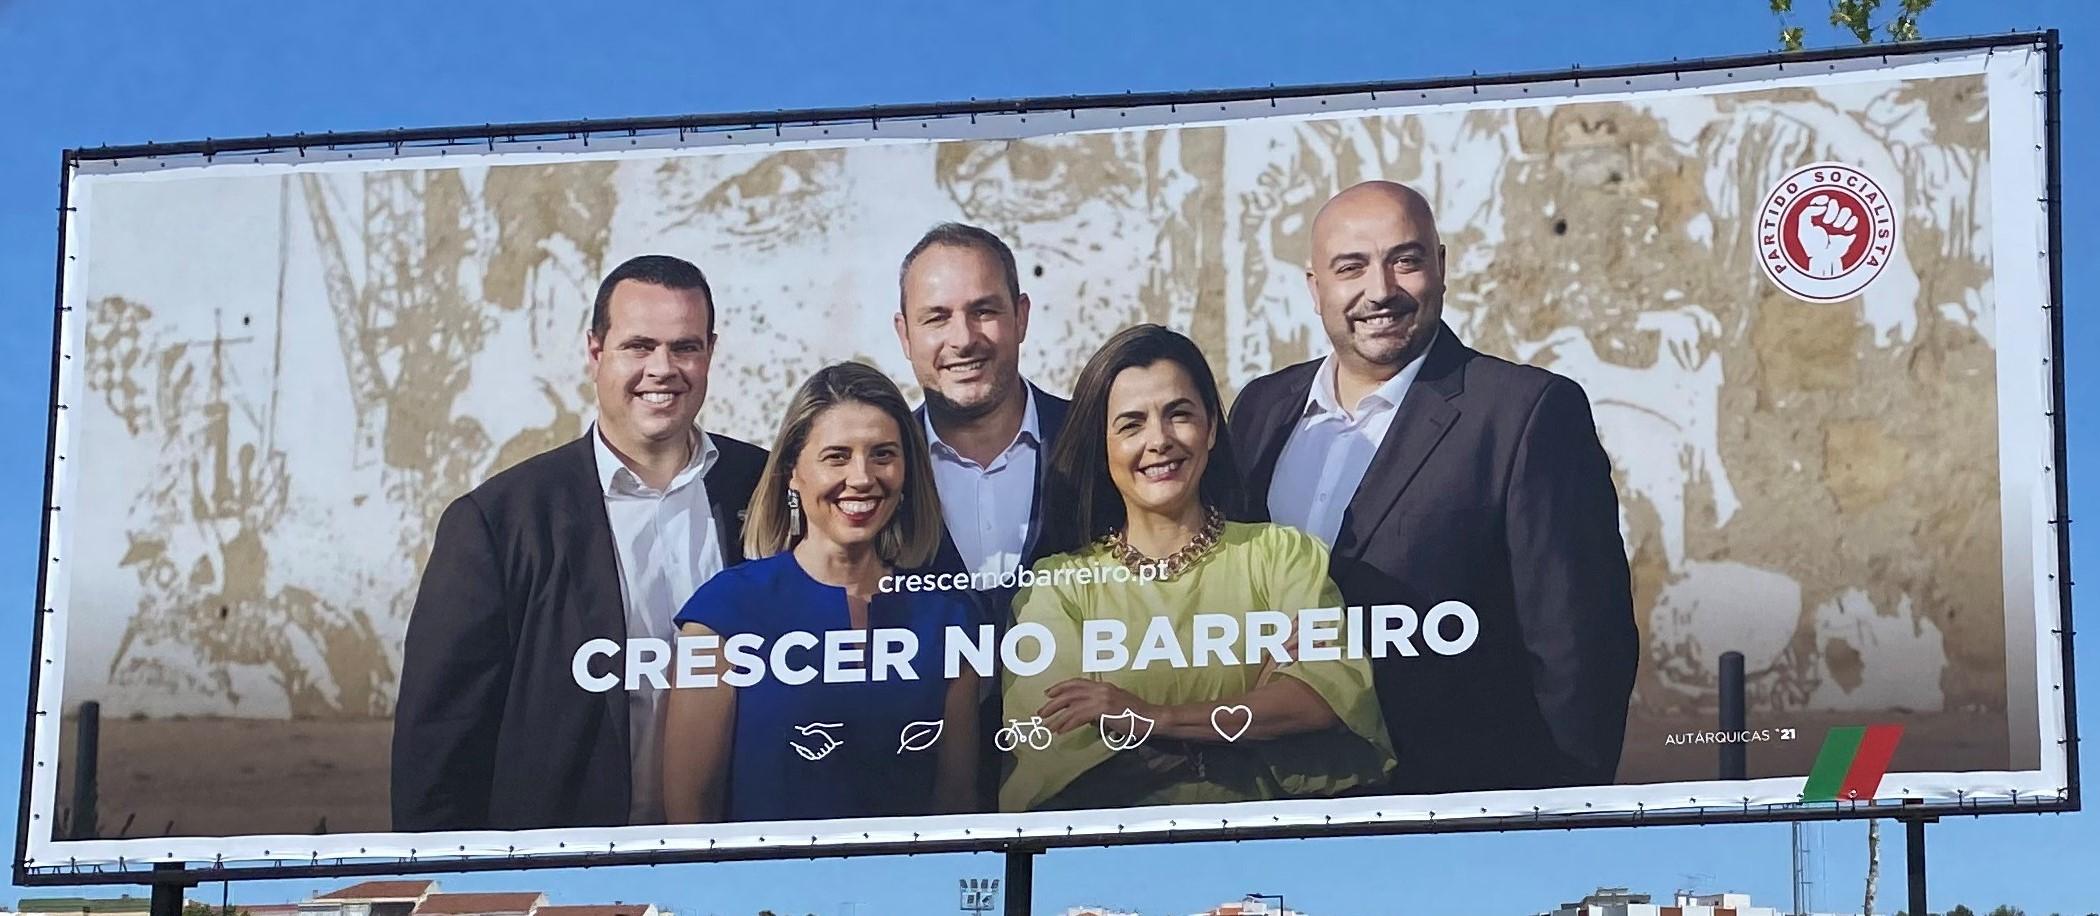 PS_2021_Barreiro_000001